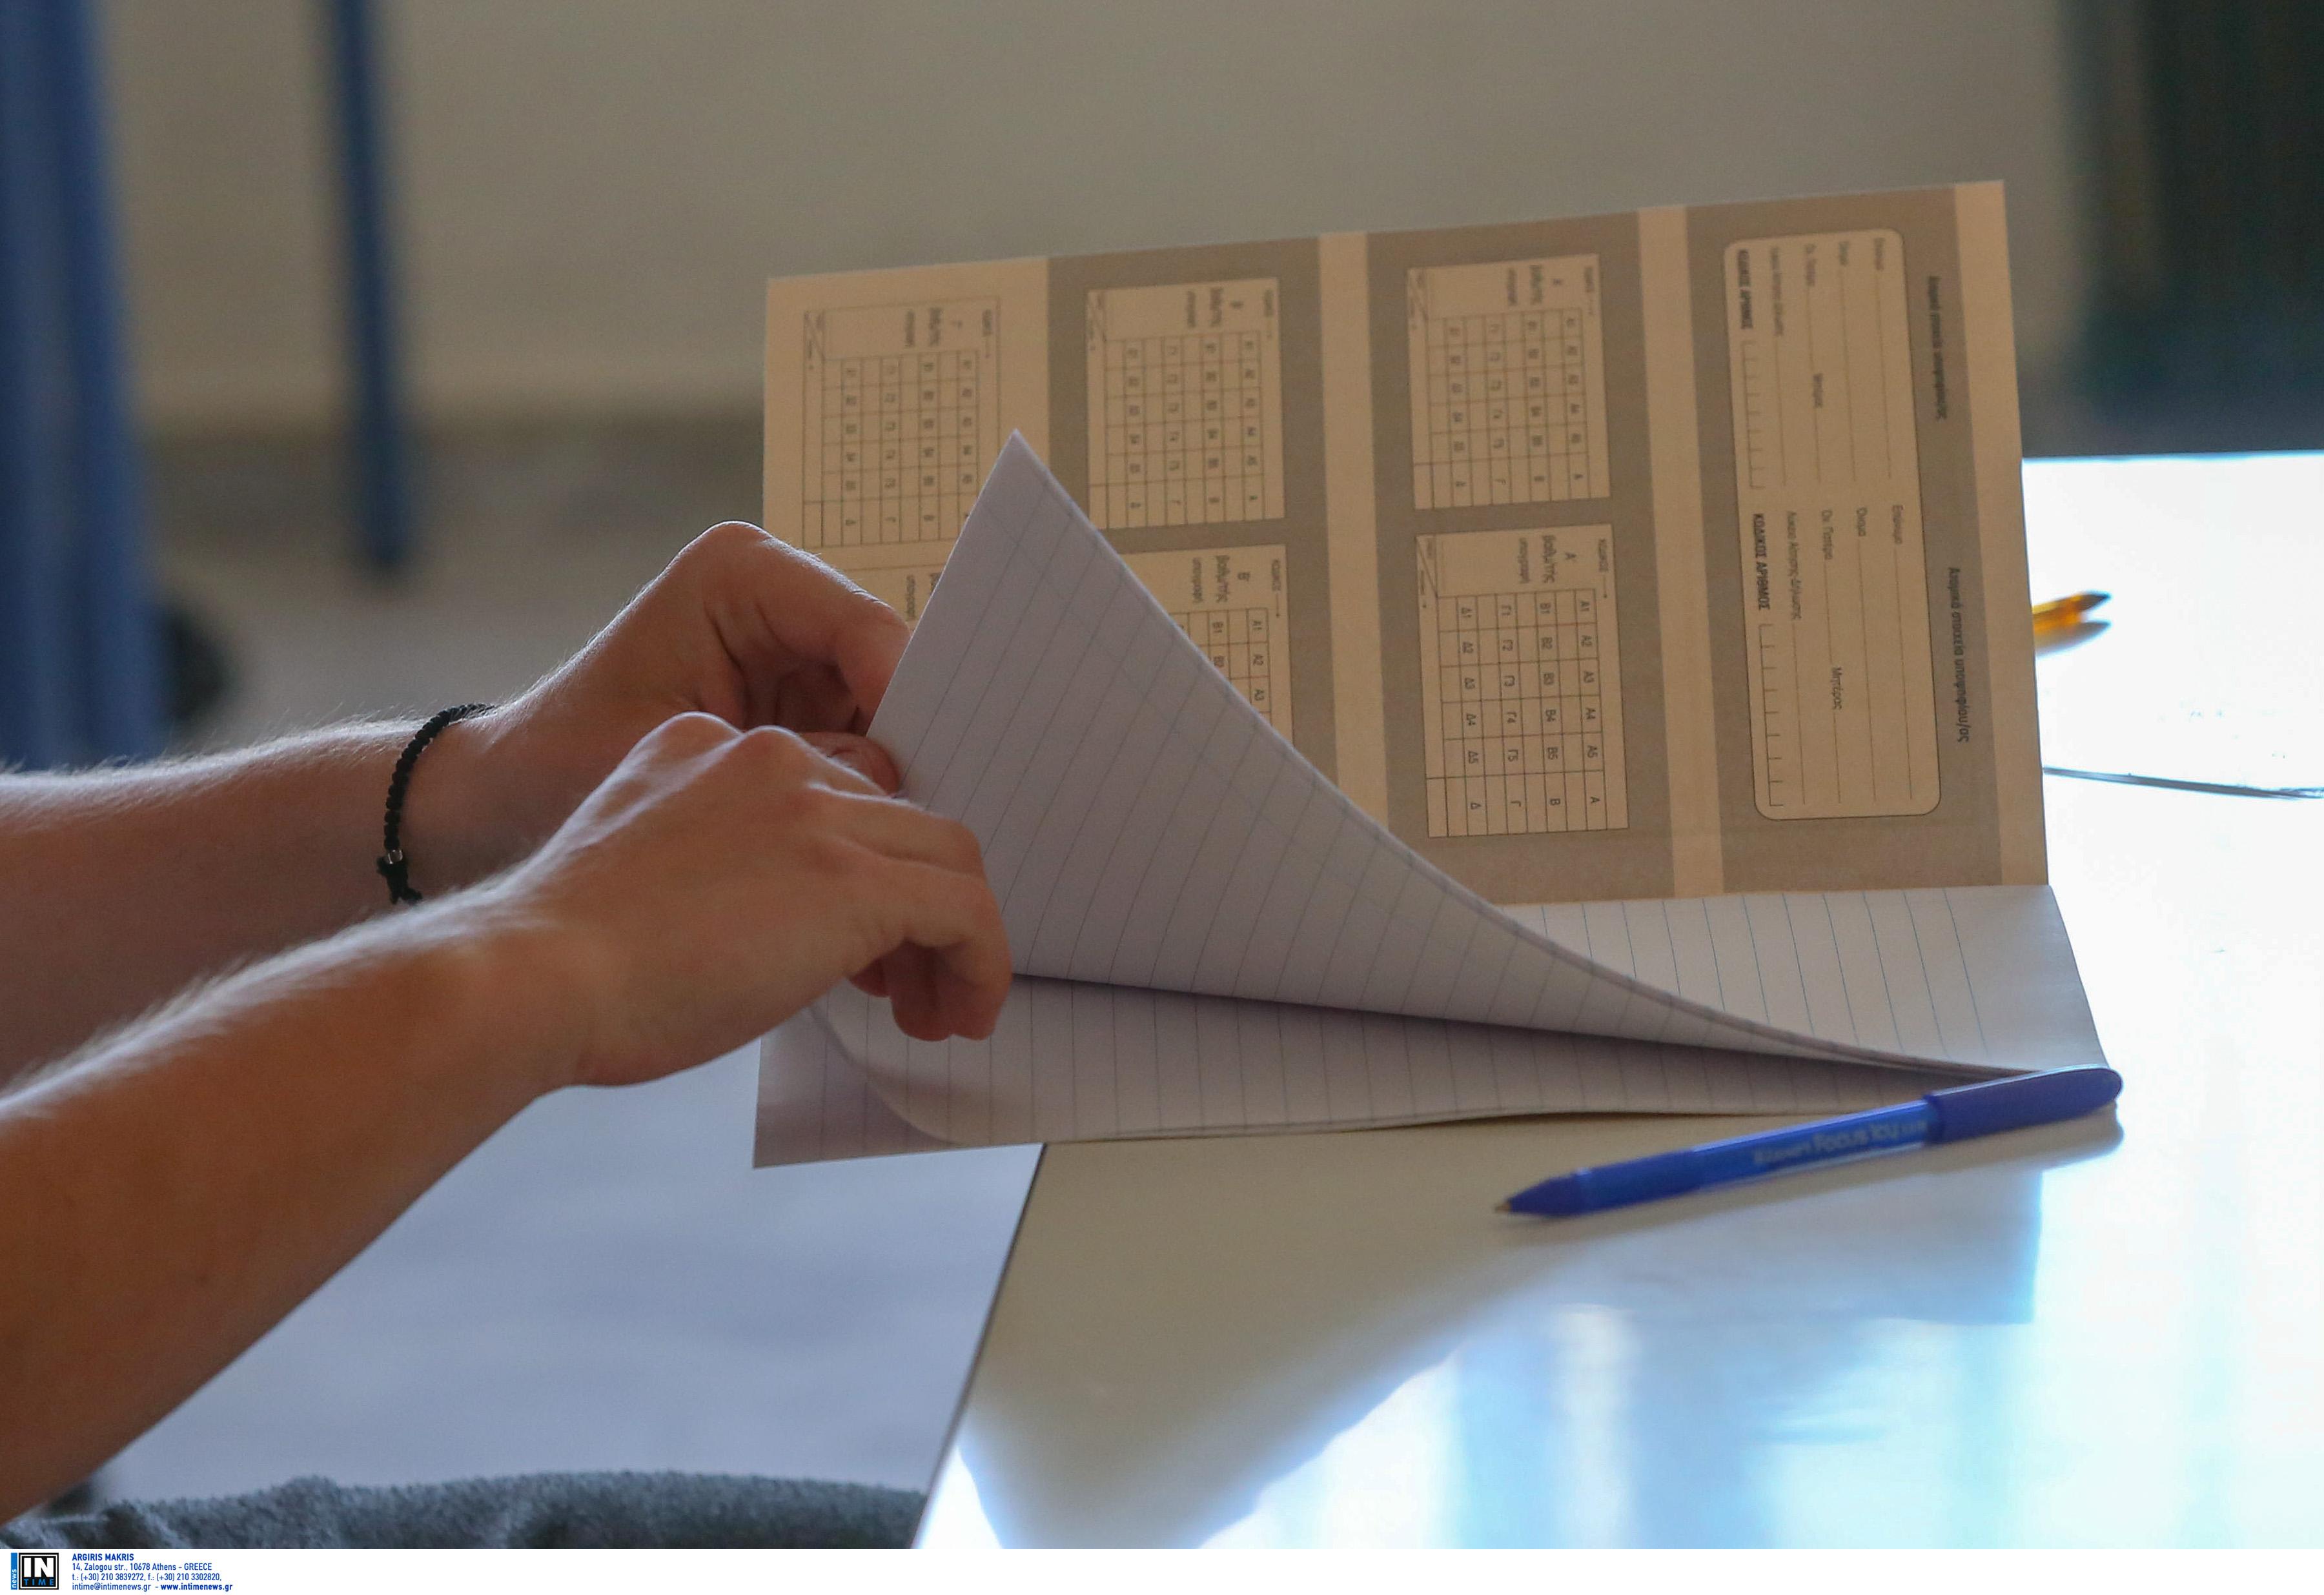 Πανελλήνιες: Πόσο καιρό φυλάσσονται τα γραπτά των υποψηφίων